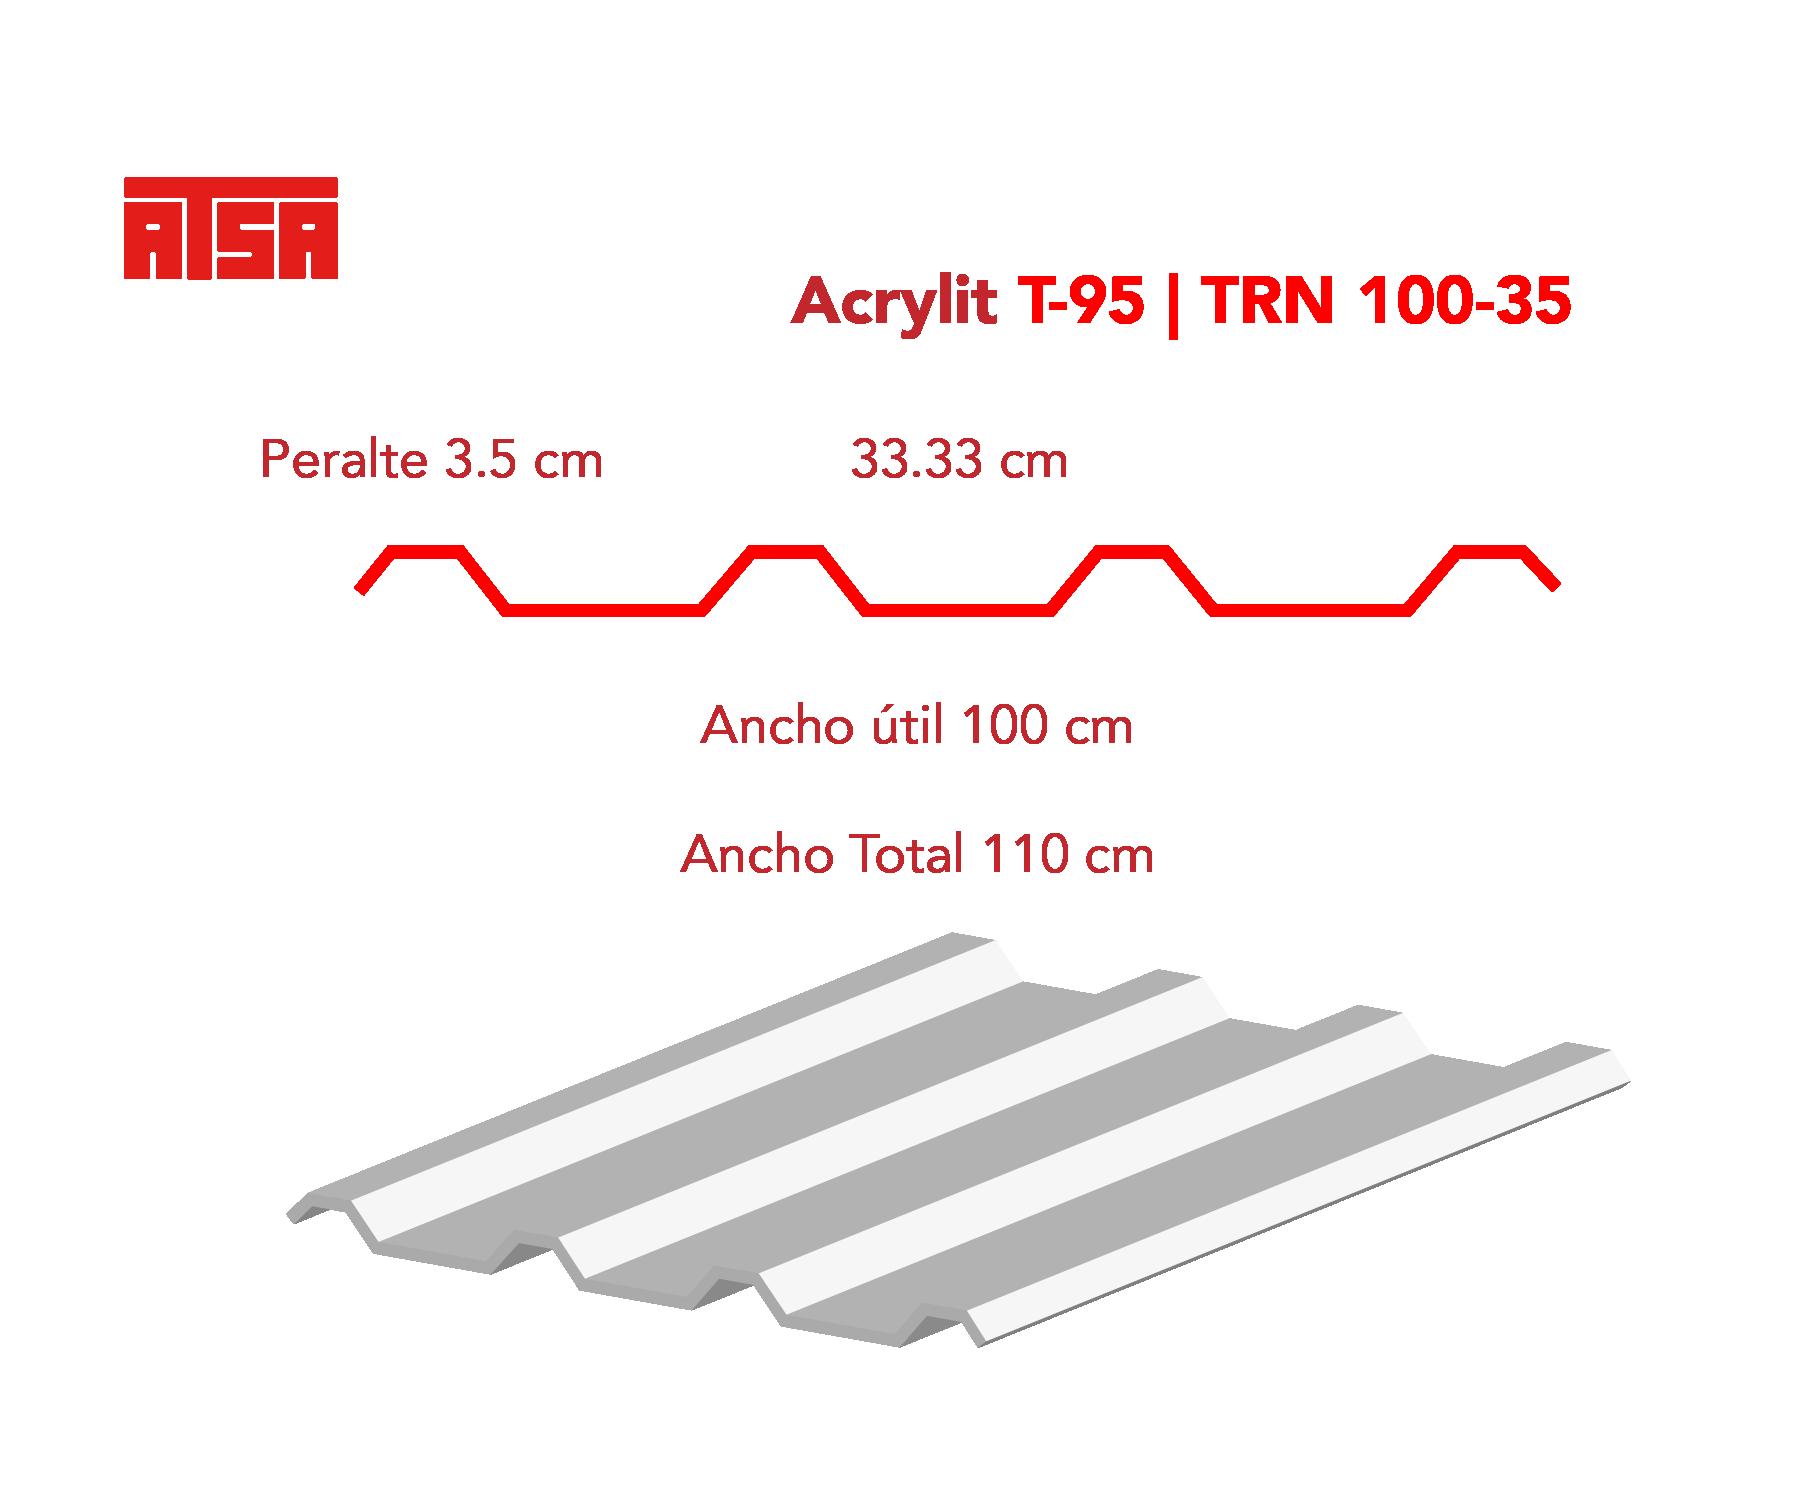 Medidas de la lámina acrylit-t95 traslúcida